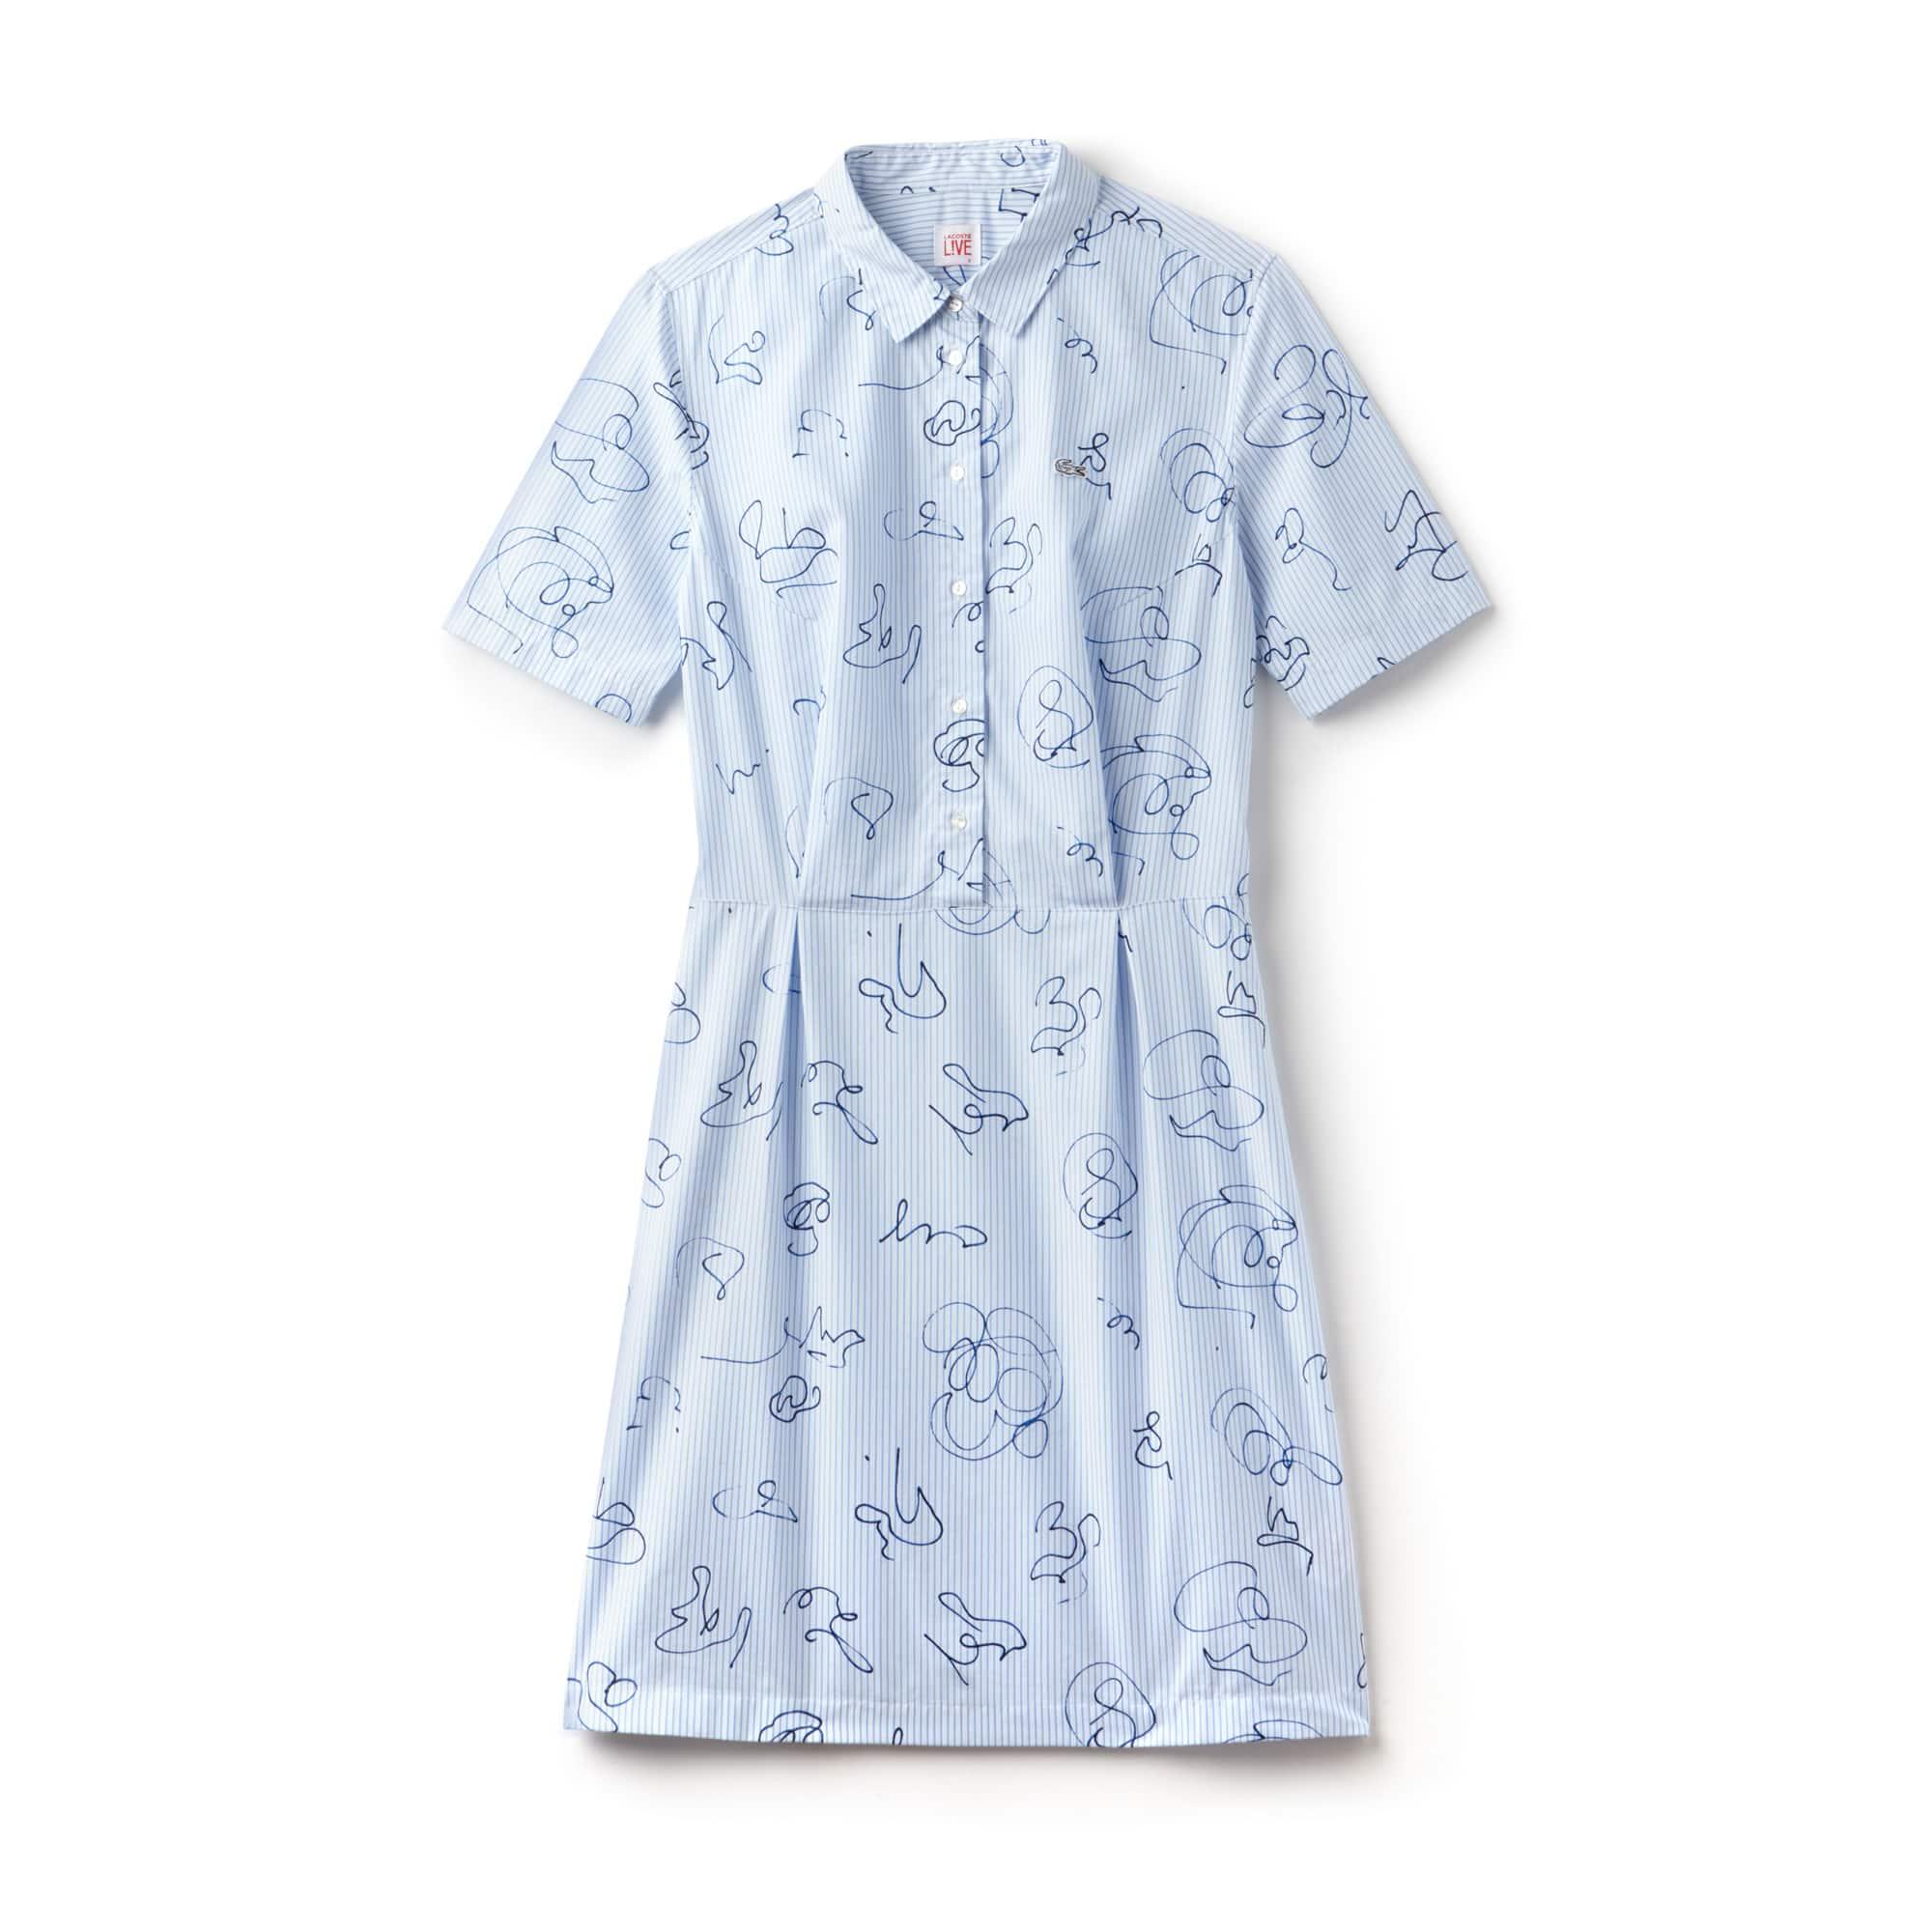 Vestido camisero Lacoste LIVE de popelín de algodón a rayas